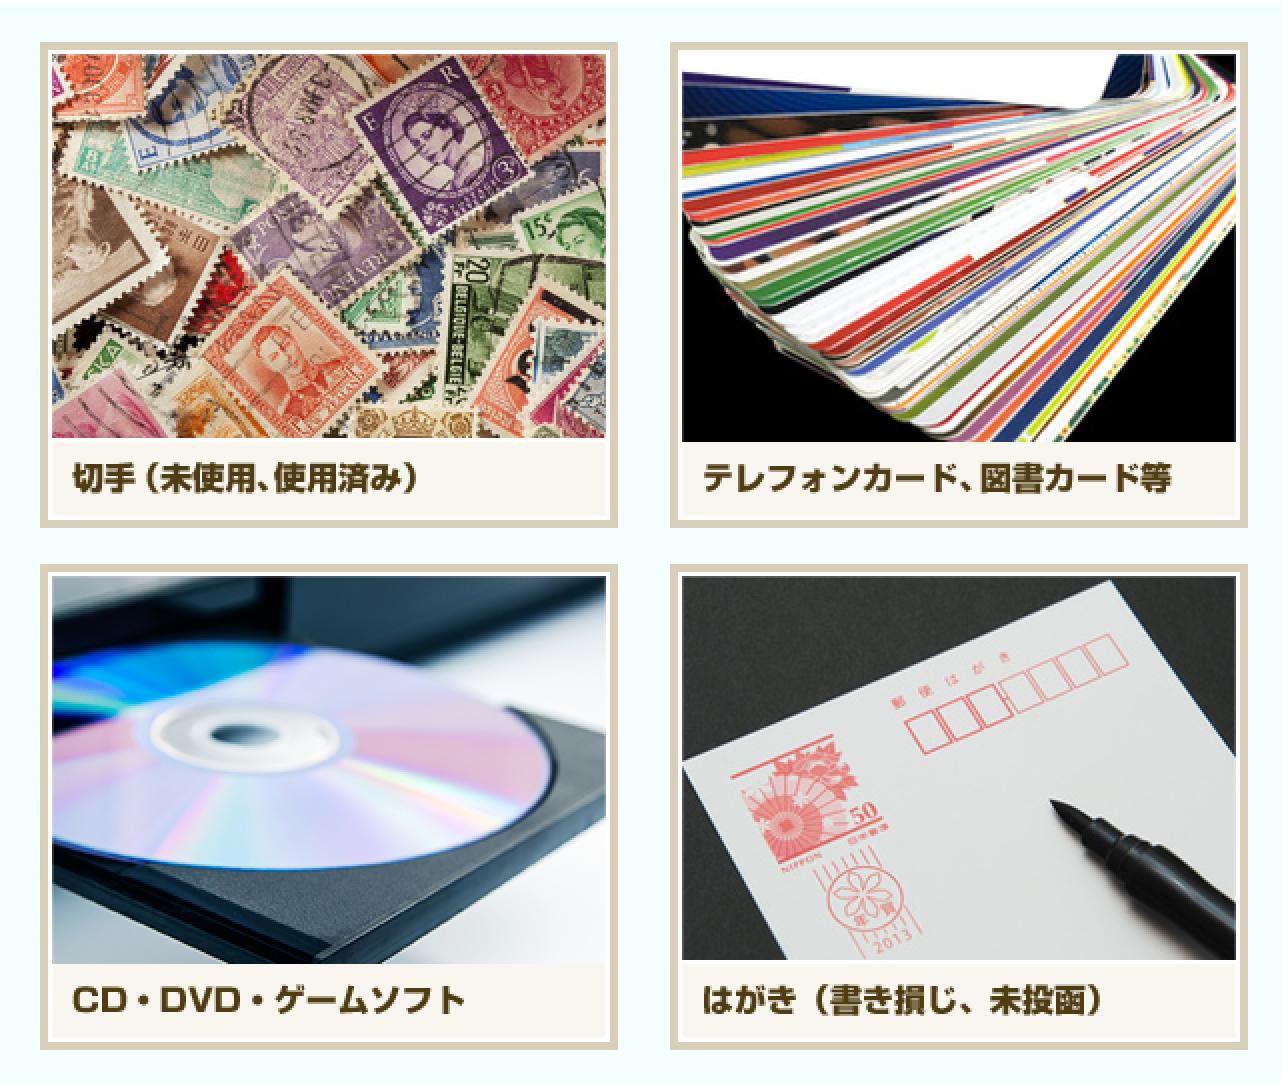 kifumono-books